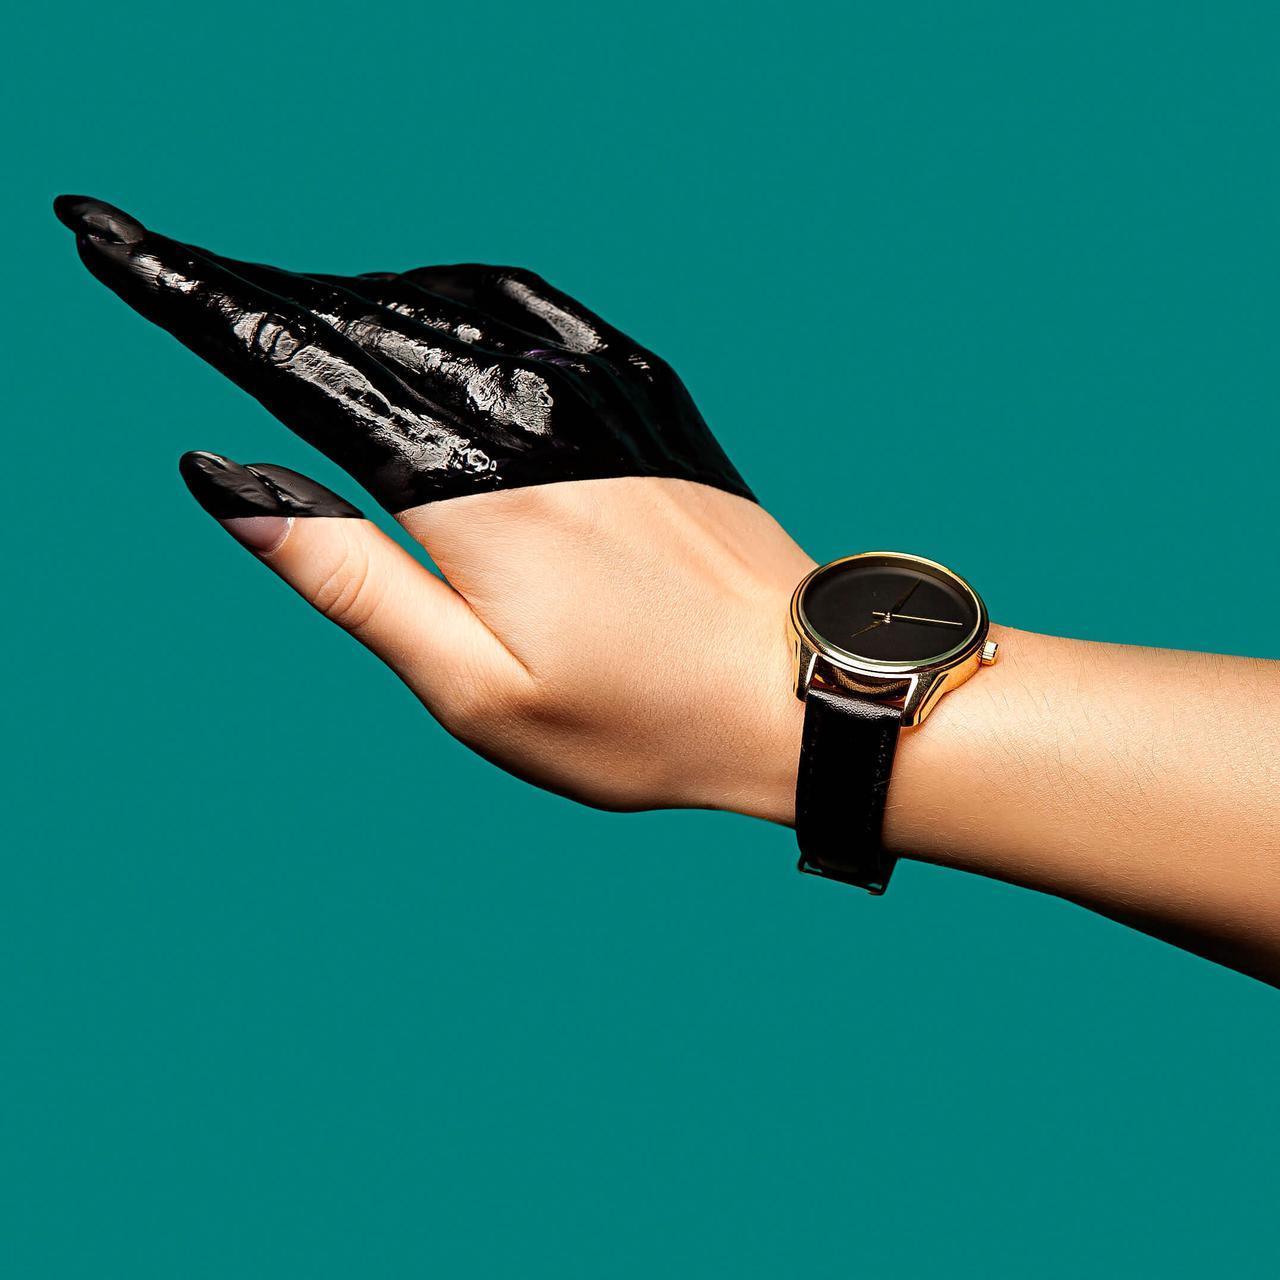 Годинник ZIZ Мінімалізм чорний (ремінець насичено - чорний, золото) + додатковий ремінець